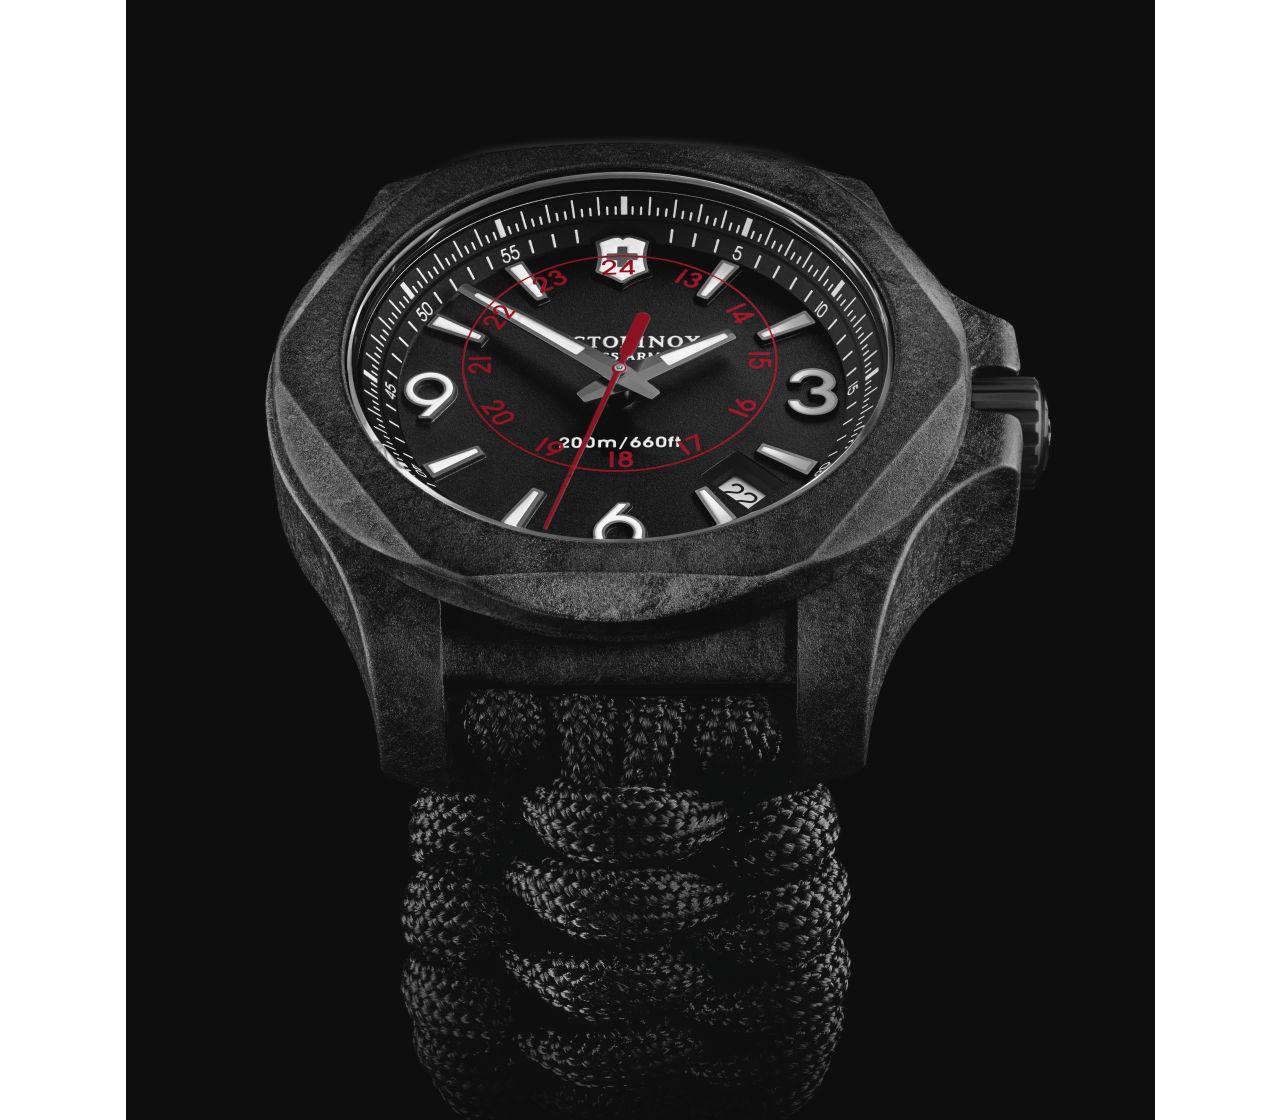 Victorinox Swiss Army 241776 I.N.O.X. Carbon Saat